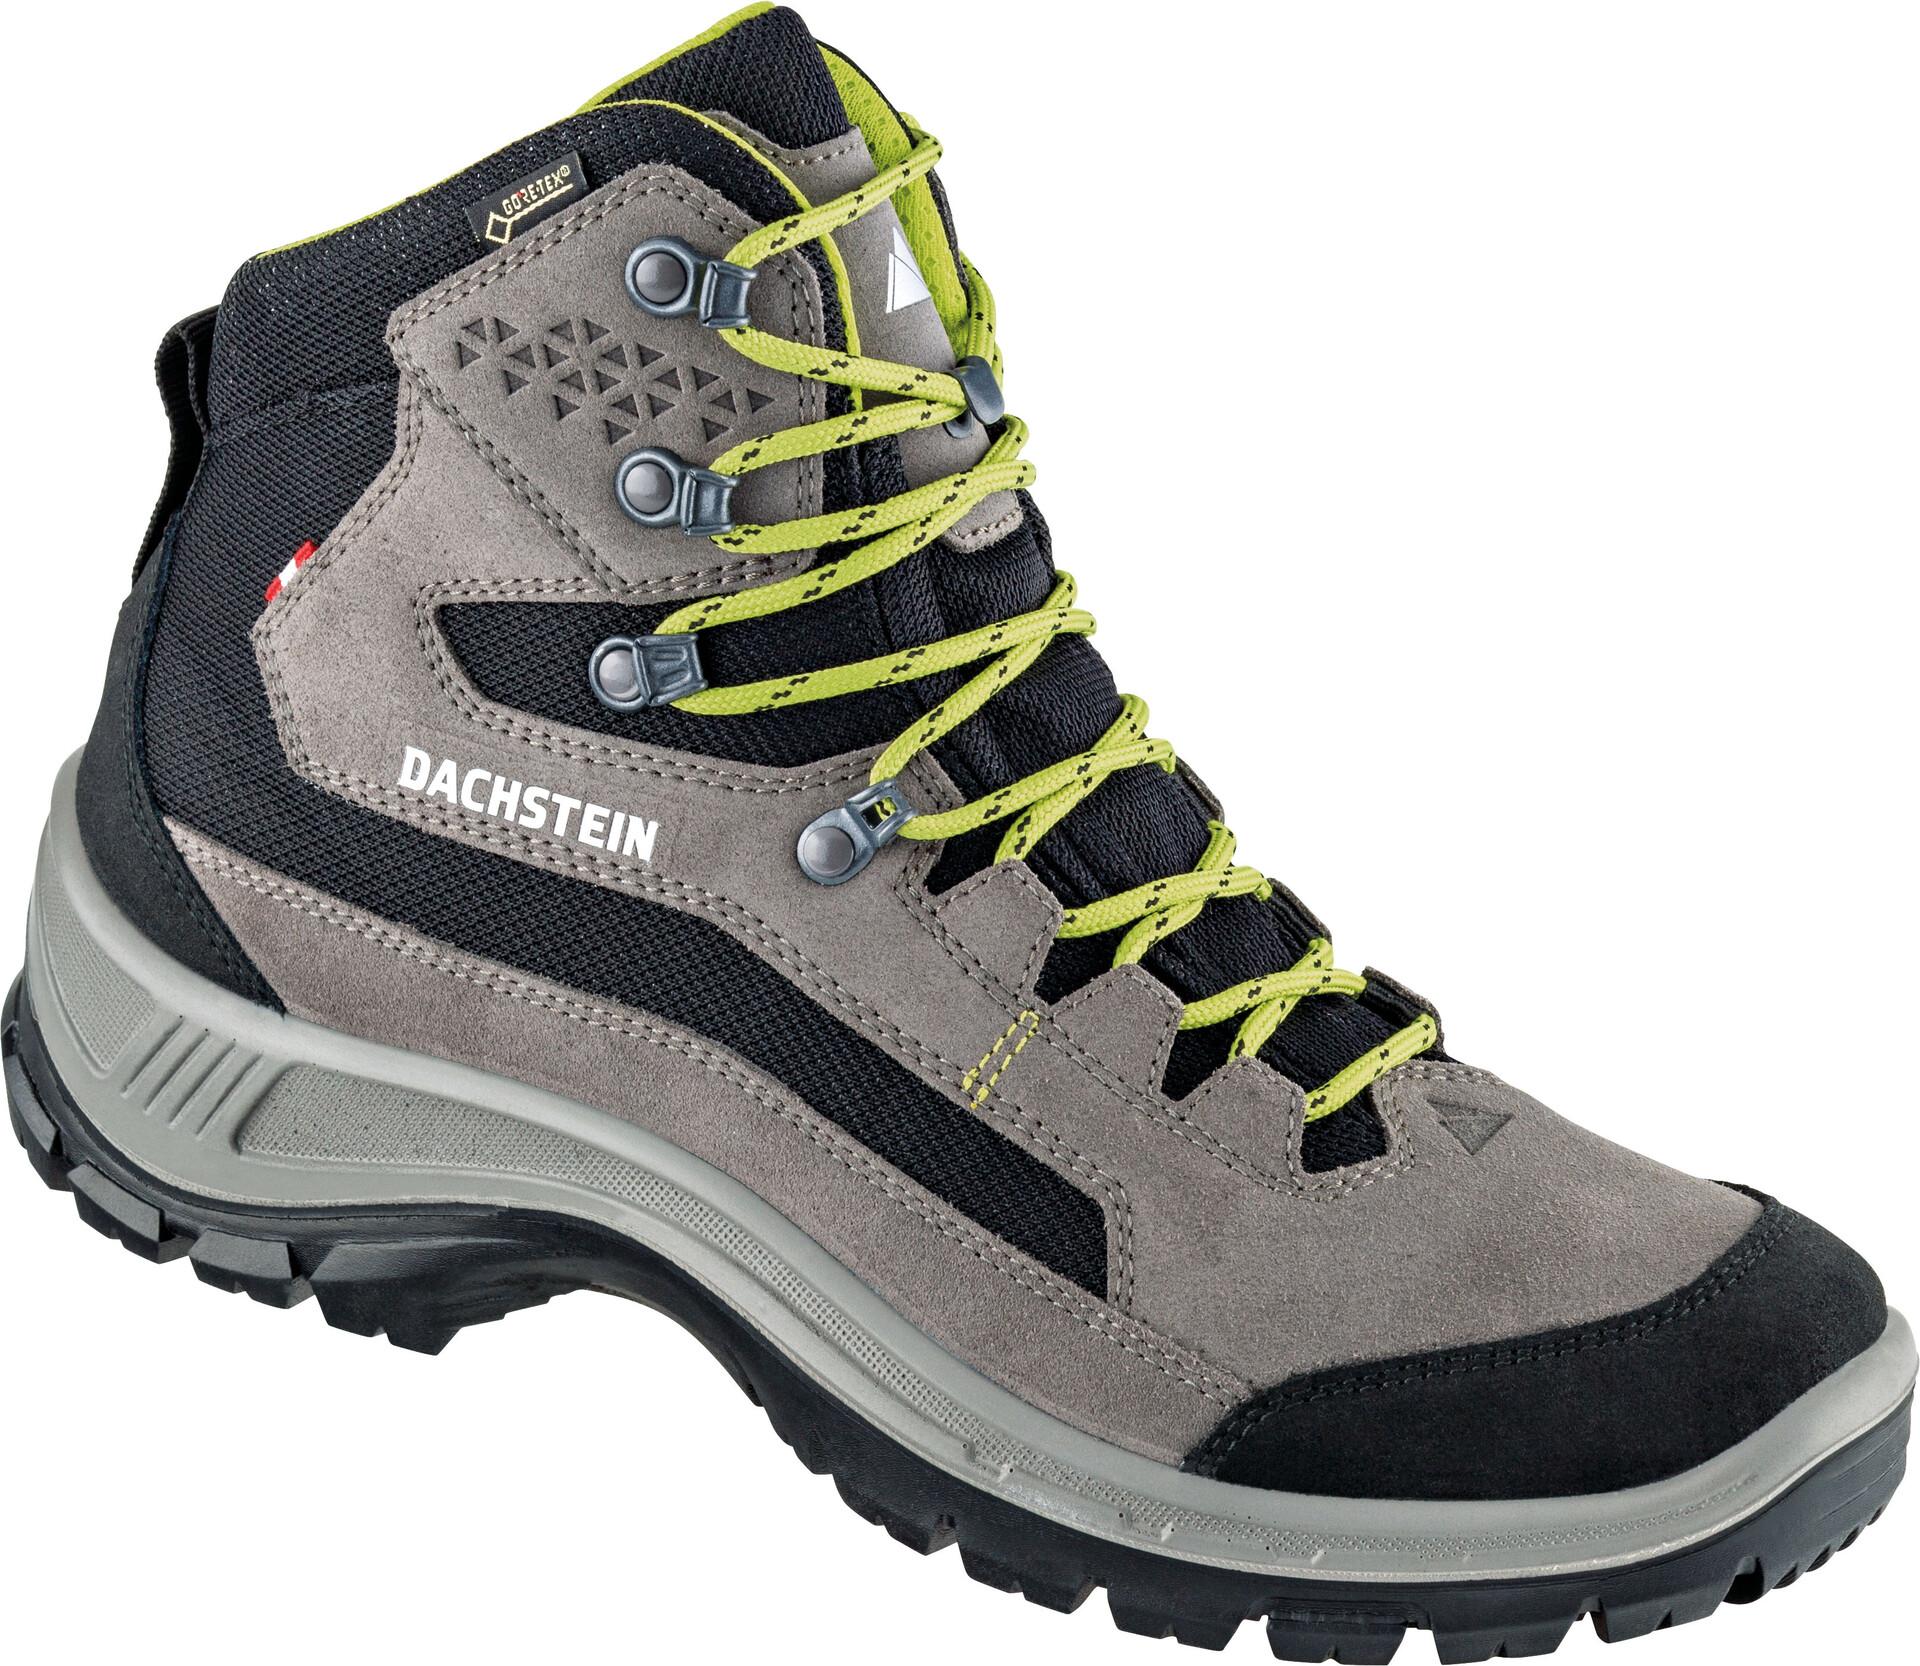 Herren Schober Shoes Mc Dachstein Graphitesulphur Gtx v80mNOnwy